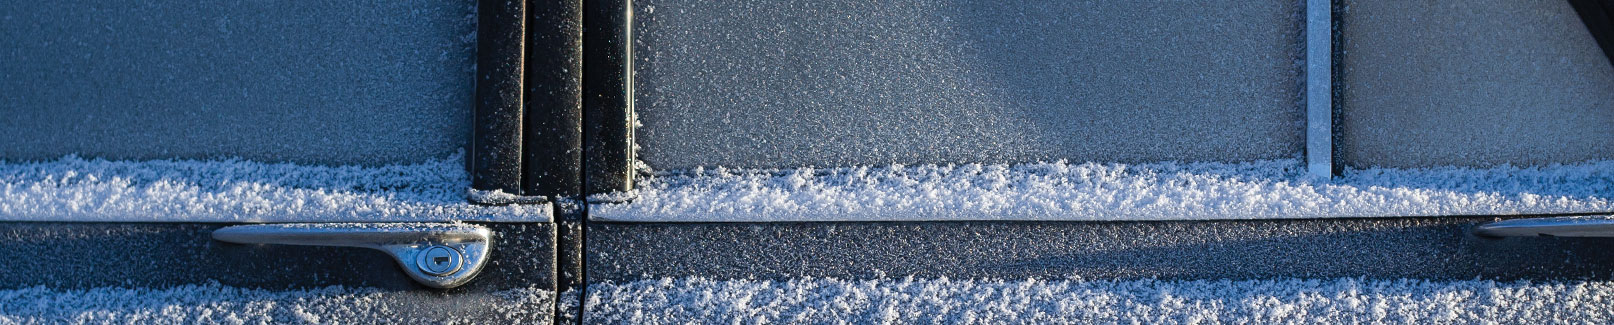 Car door in snow